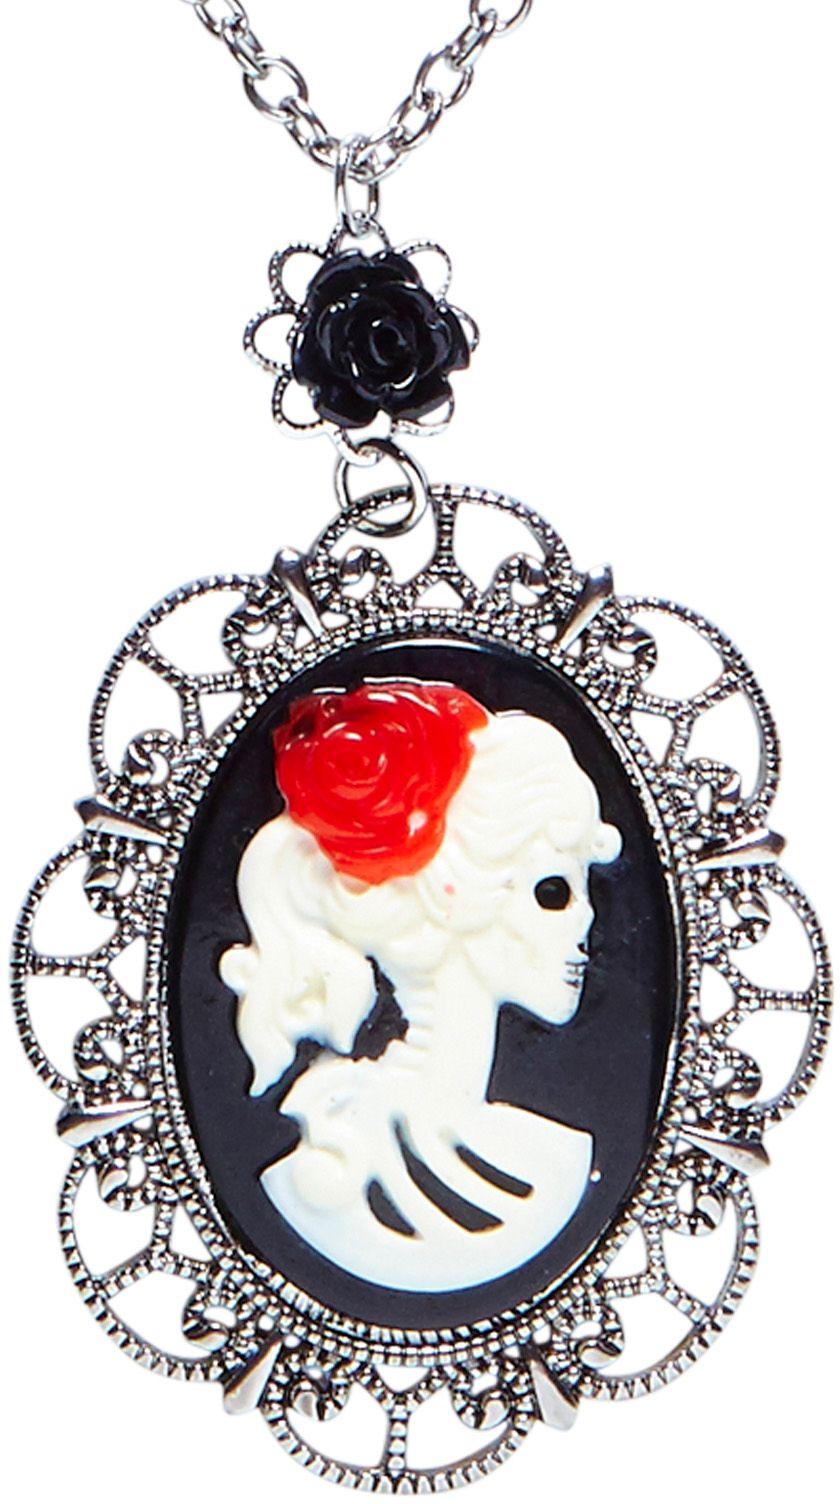 Zilveren day of the dead ketting met roos en schedel